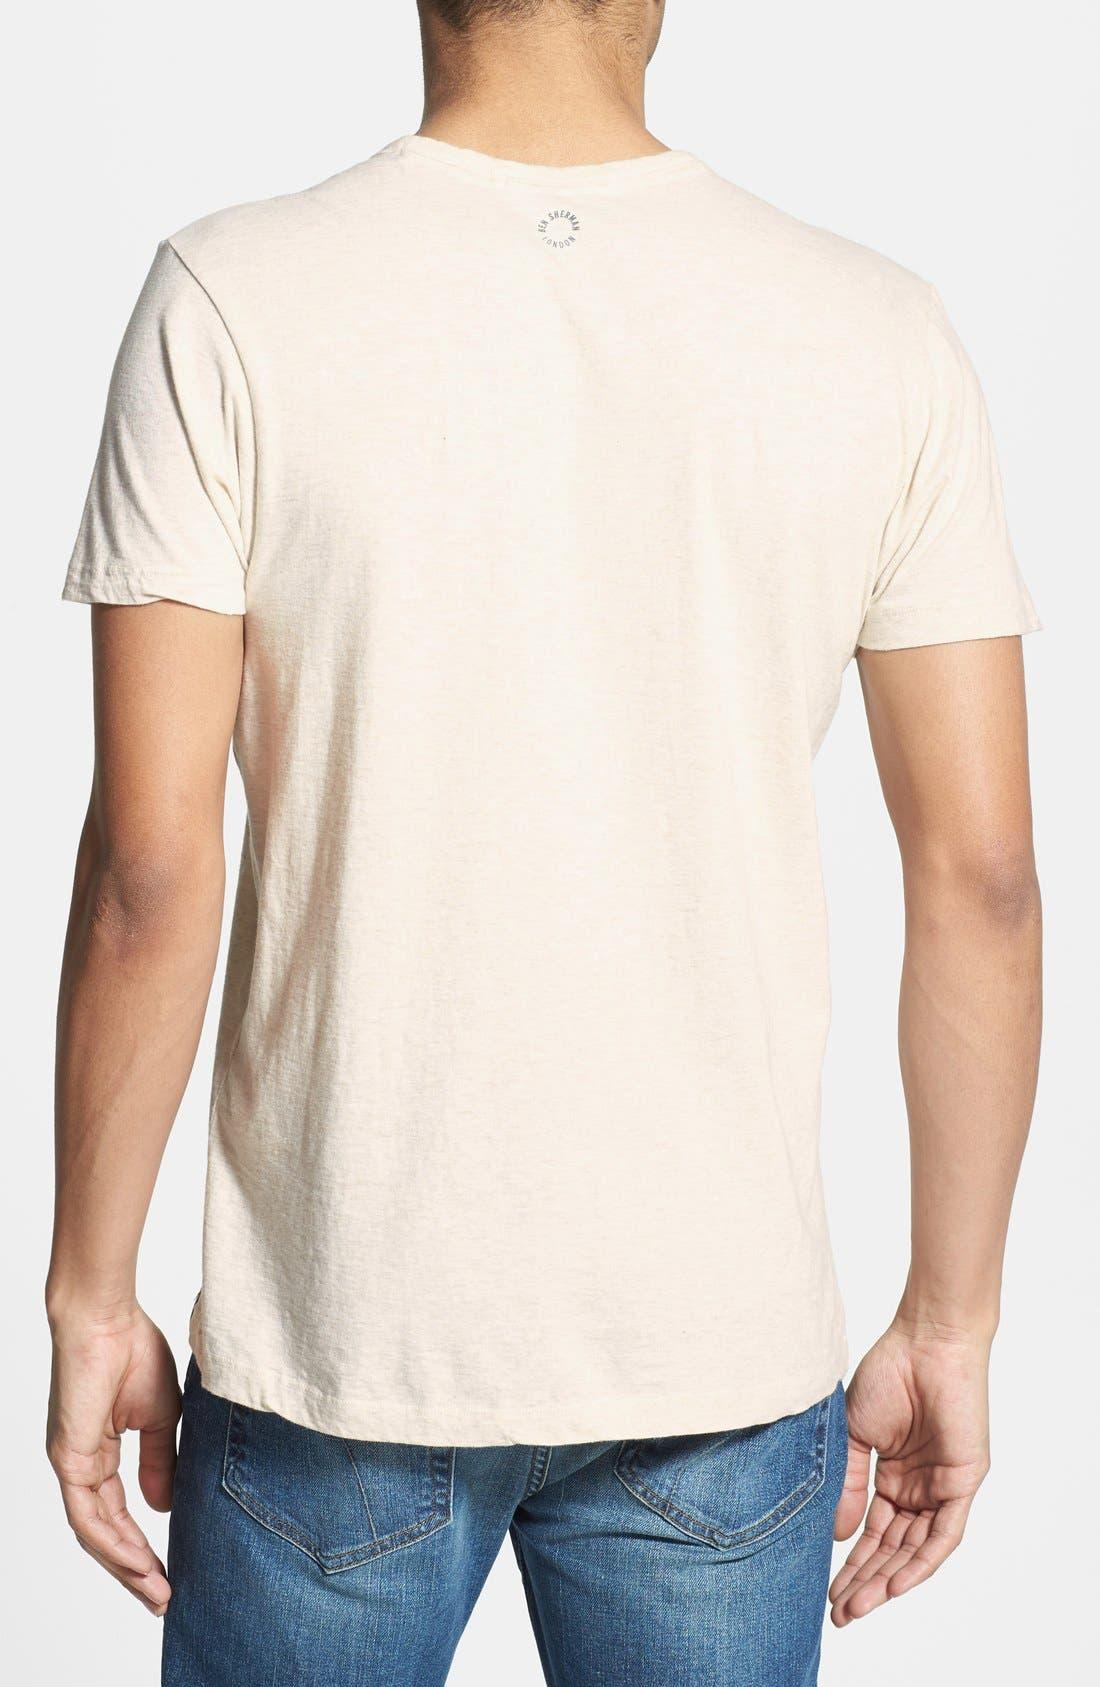 Alternate Image 2  - Ben Sherman 'VHS' Graphic T-Shirt